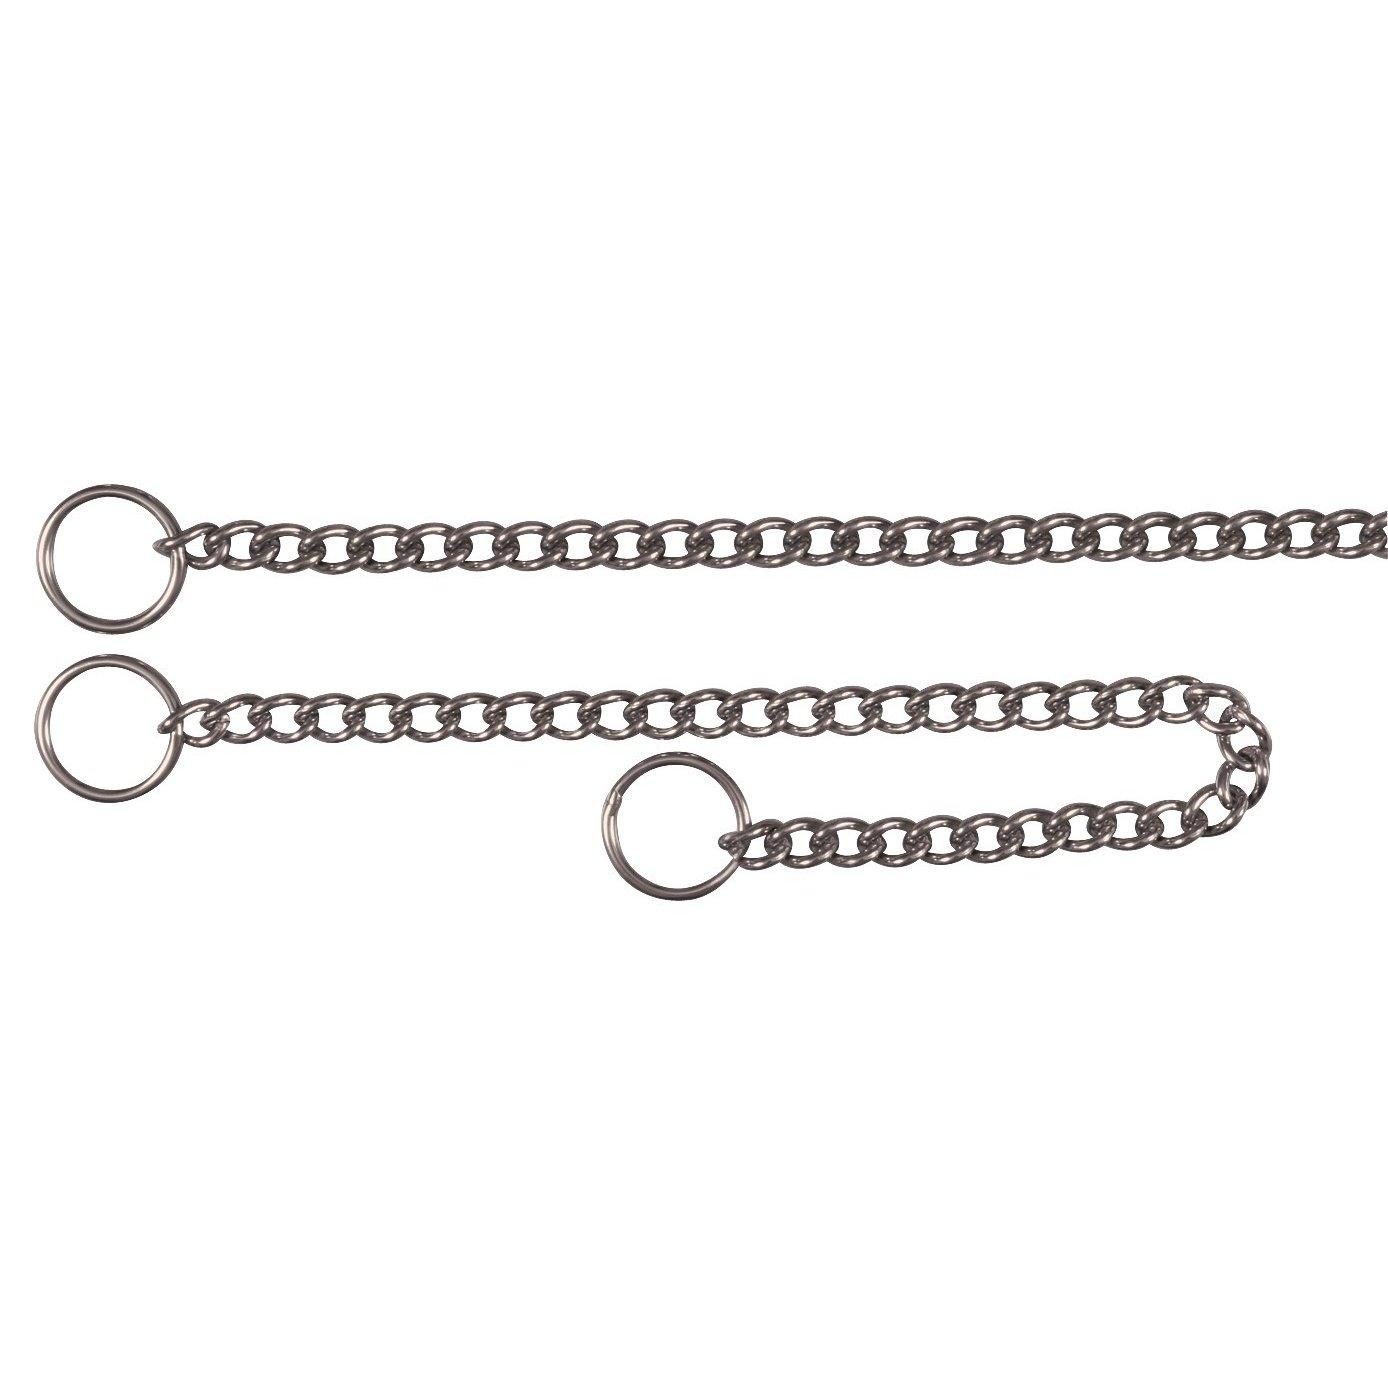 Collier acier inoxydable, simple rang, 45 cm/2,5 mm pour chien Trixie 4011905021621